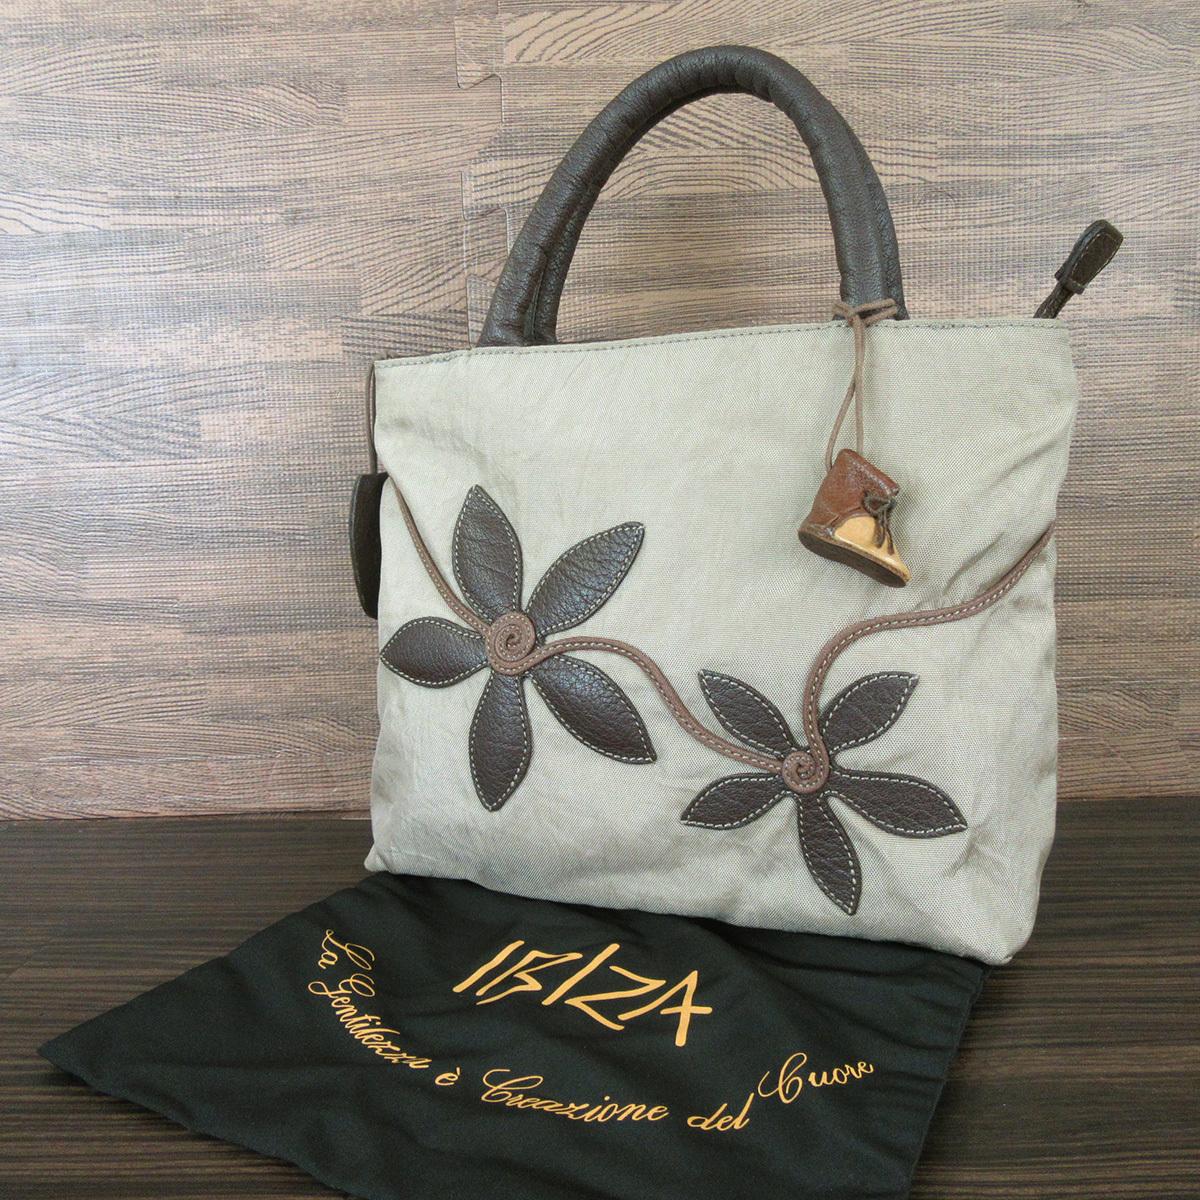 IBIZA イビザ ナイロン×レザー フラワーワッペン ハンドバッグ 保存袋 ブラウン×ベージュ系 東KK